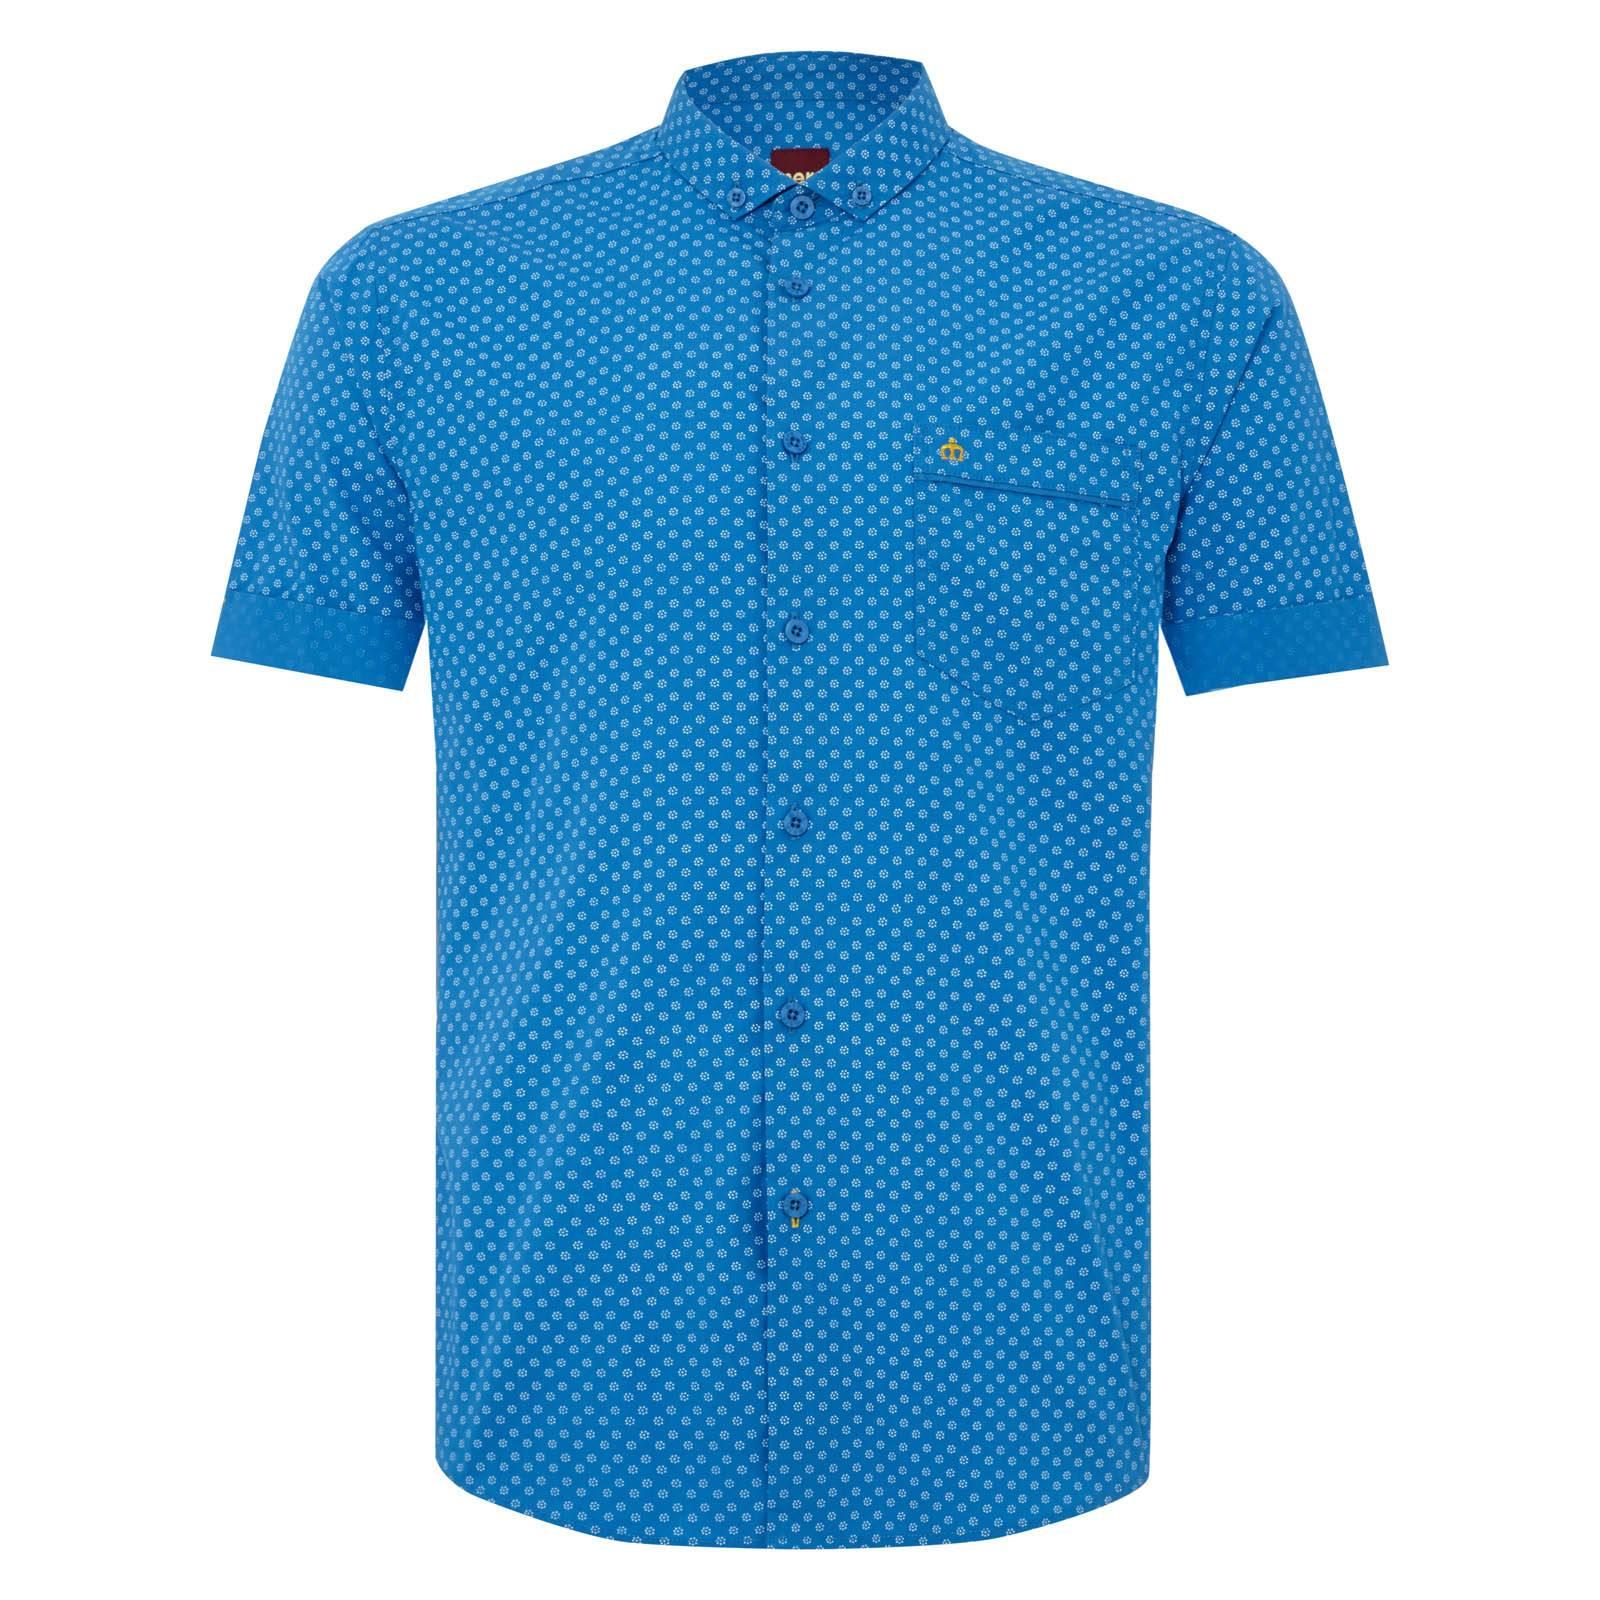 Рубашка ThorpeРубашки<br>Приталенная рубашка с аккуратным, укороченным воротником «баттен-даун» и легким, ненавязчивым цветочным принтом. Рукава рубашки подвернуты, немного заужены и не торчат в стороны, облегая руку.&amp;lt;br /&amp;gt;<br>&amp;lt;br /&amp;gt;<br>Нагрудный карман декорирован контрастным, вышитым желтыми нитями логотипом-корона и узкой однотонной синей накладкой, гармонирующей с отворотом рукавов. &amp;lt;br /&amp;gt;<br>&amp;lt;br /&amp;gt;<br>Яркие, летние цвета и фигурный низ изделия позволяют носить эту рубашку навыпуск, комбинируя со светлыми чиносами или шортами.<br><br>Артикул: 1514109<br>Материал: 100% хлопок<br>Цвет: синий<br>Пол: Мужской